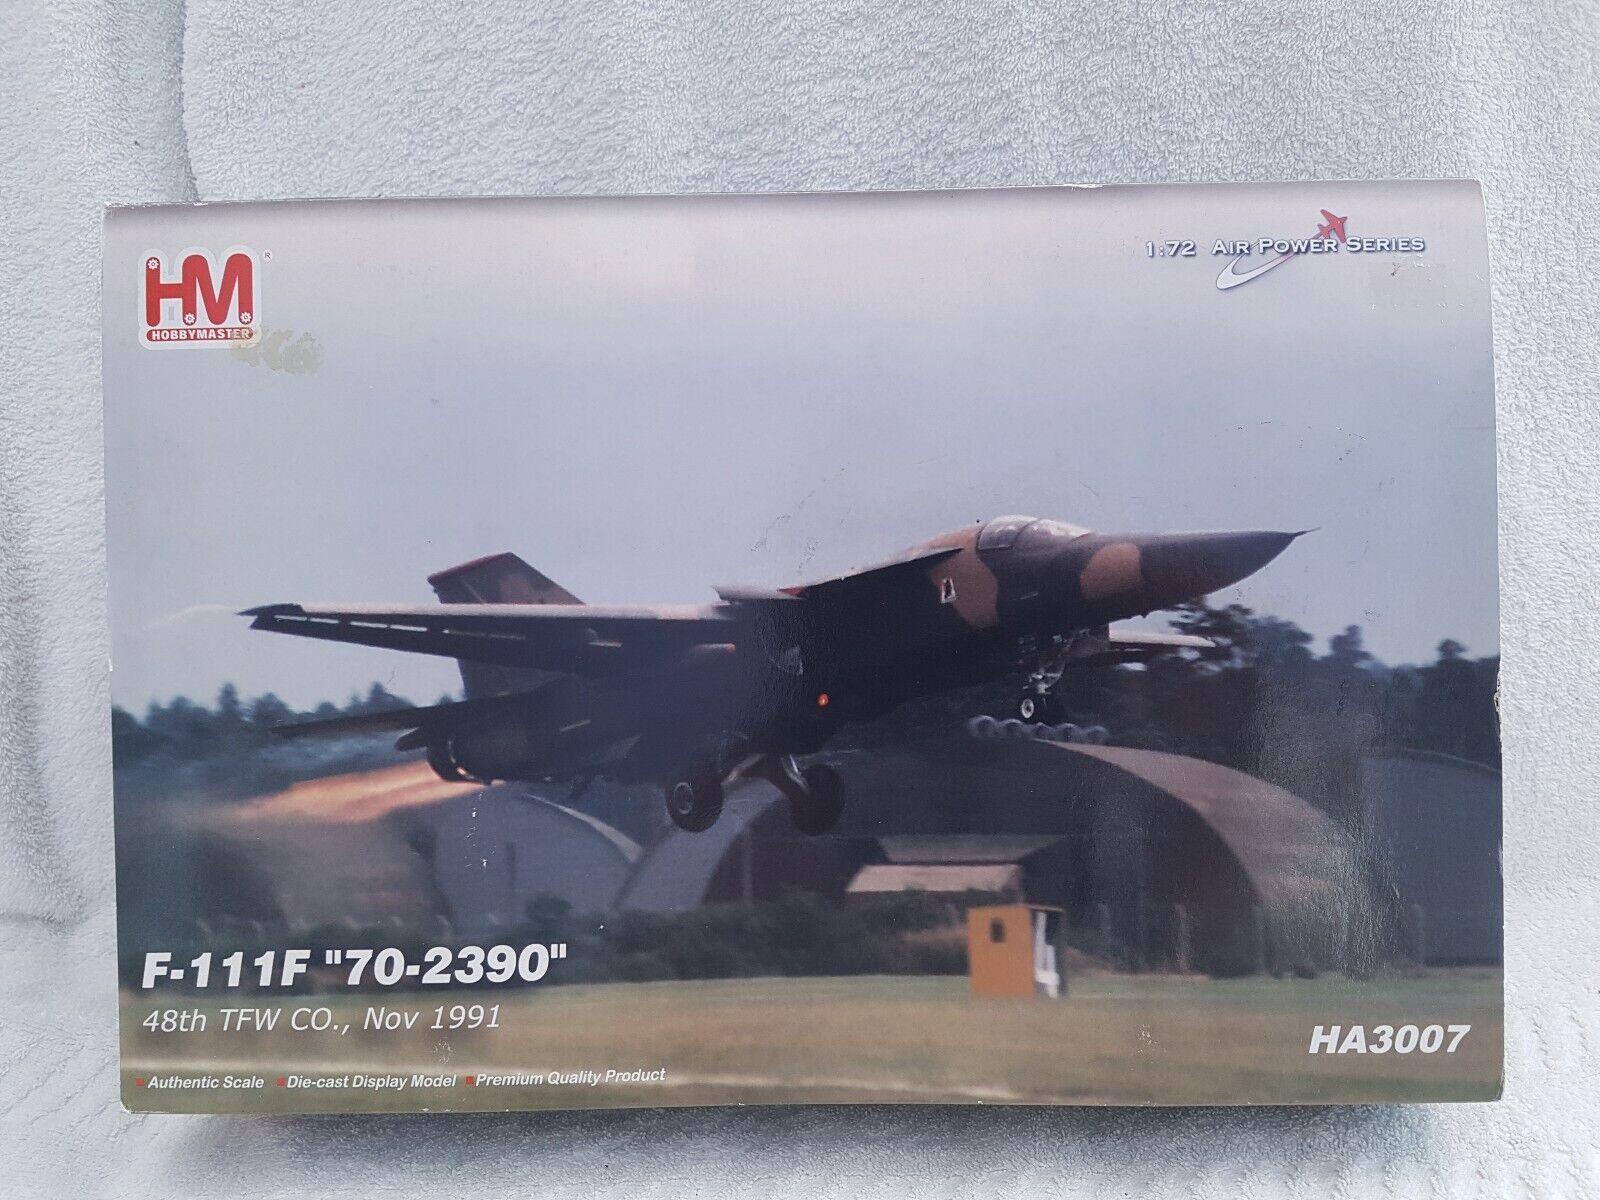 alta calidad general Hobbymaster escala 1 72 HA3007 F-11F  70-2390 70-2390 70-2390  Excelente Estado  Con precio barato para obtener la mejor marca.